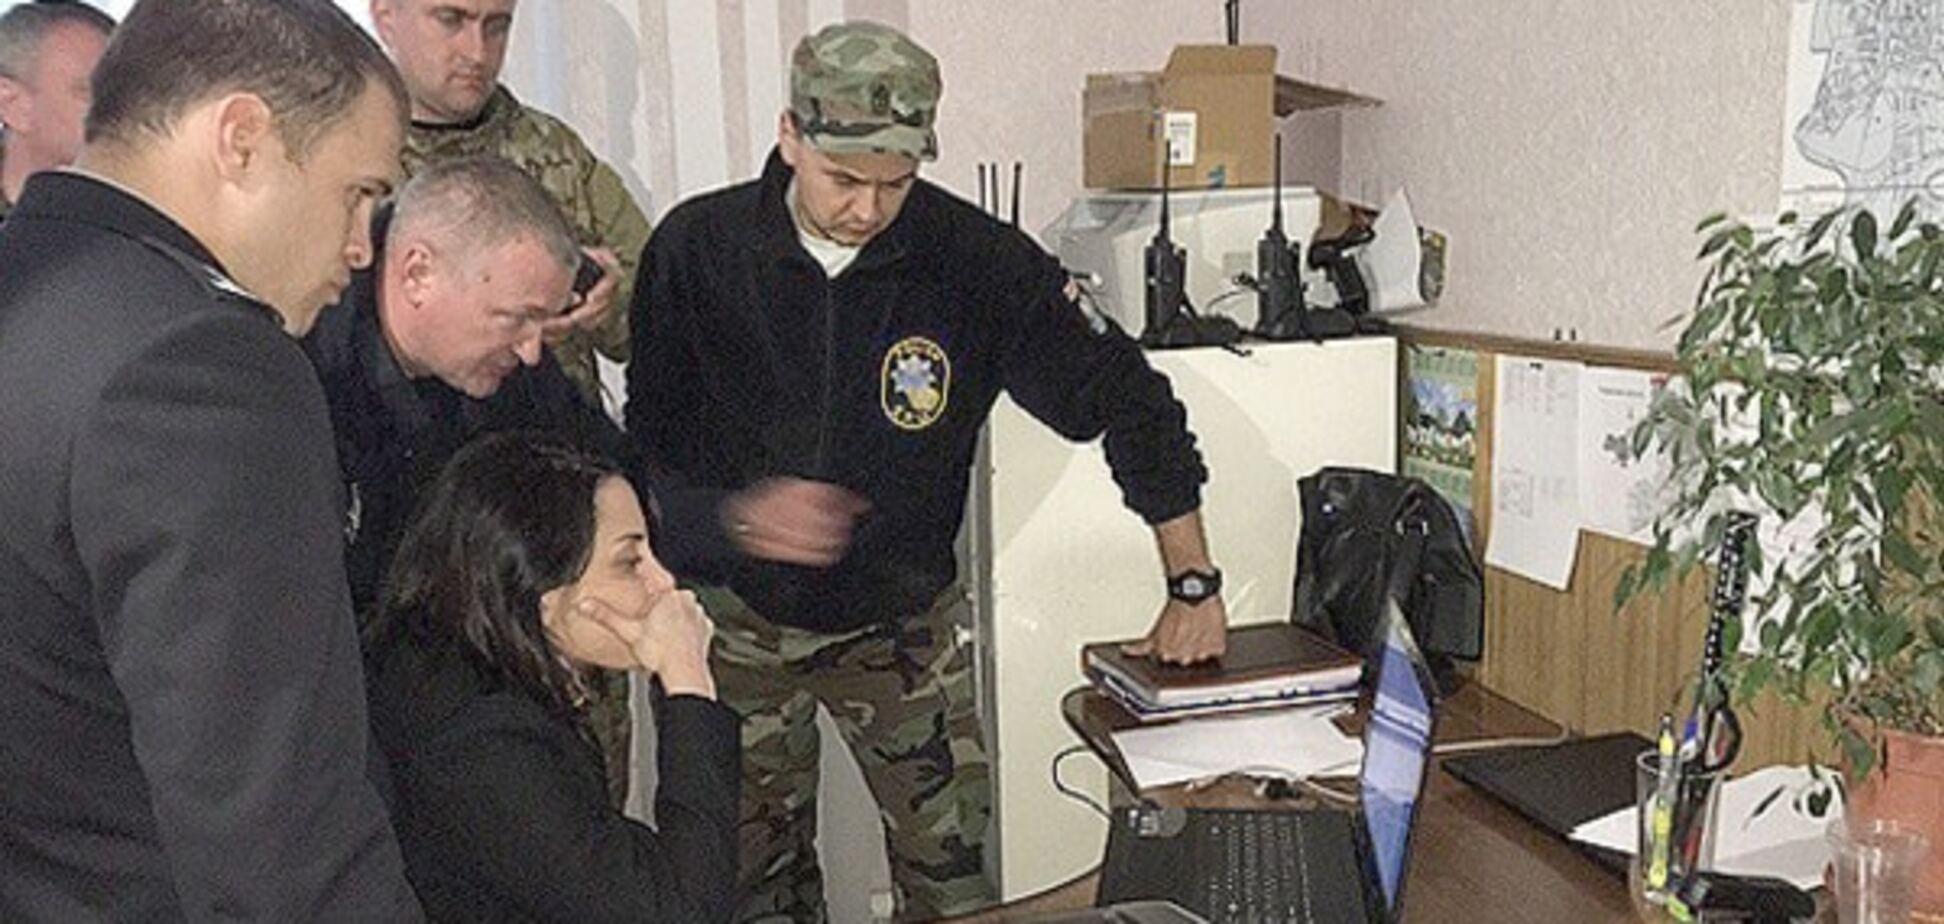 Перемога: силовики заявили, що видобуток бурштину на Рівненщині припинено